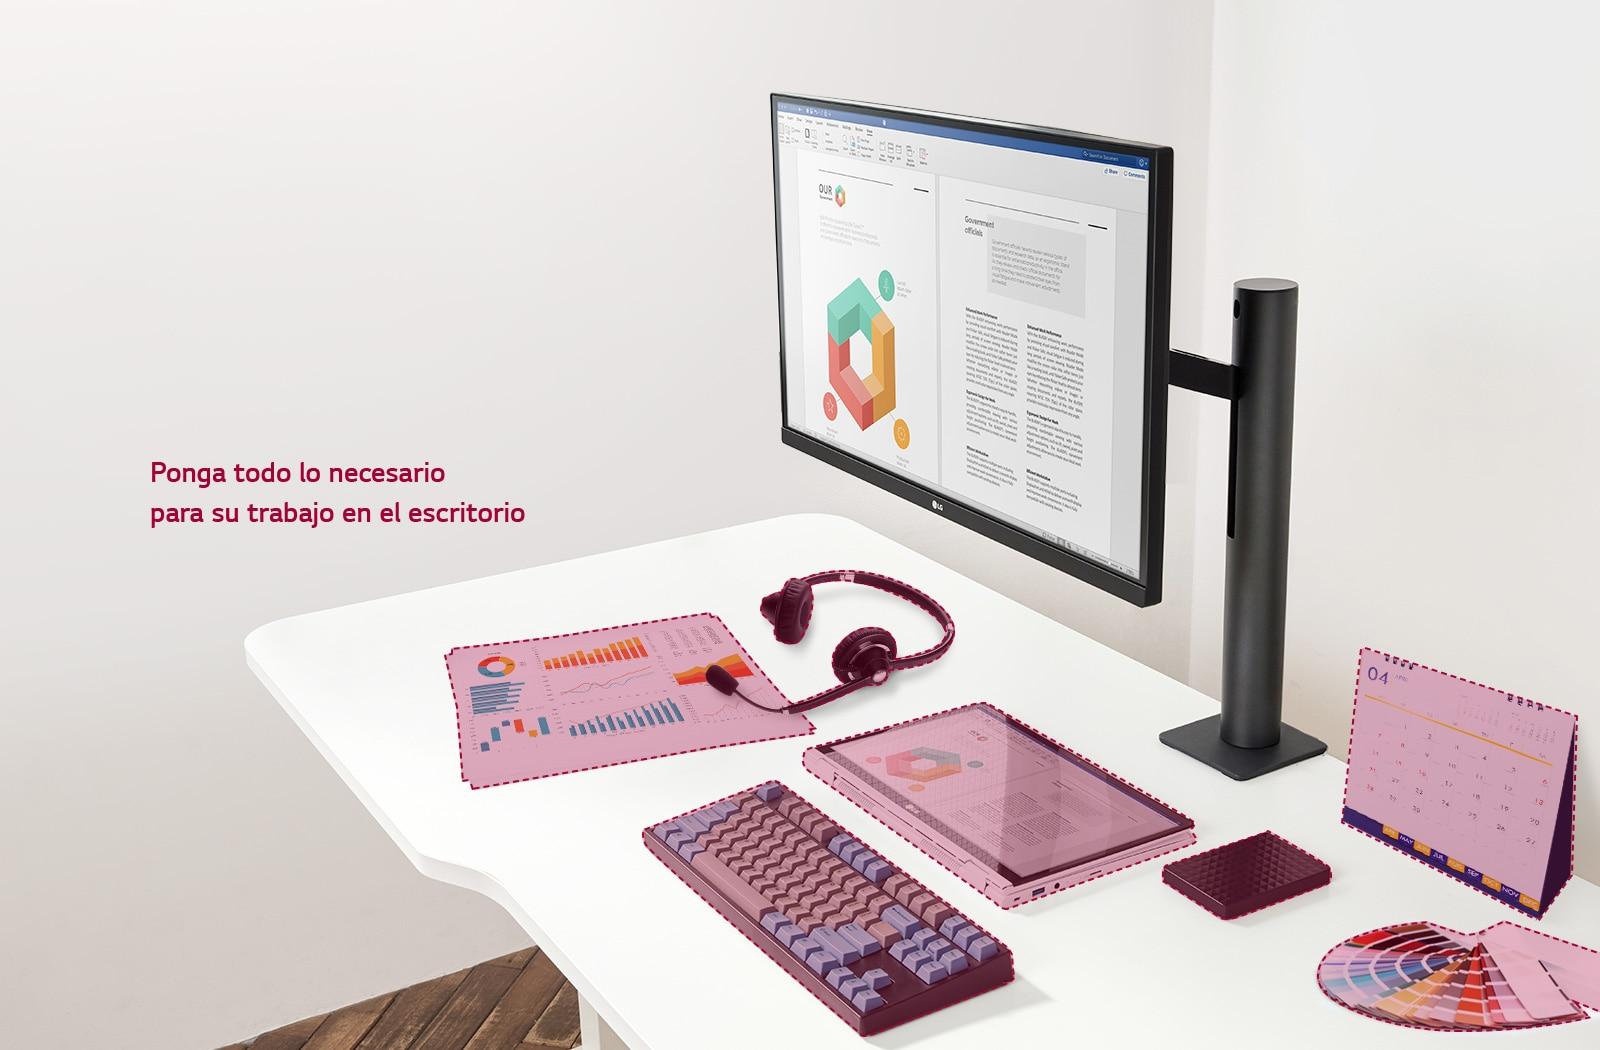 Ponga todo lo necesario para su trabajo en el escritorio